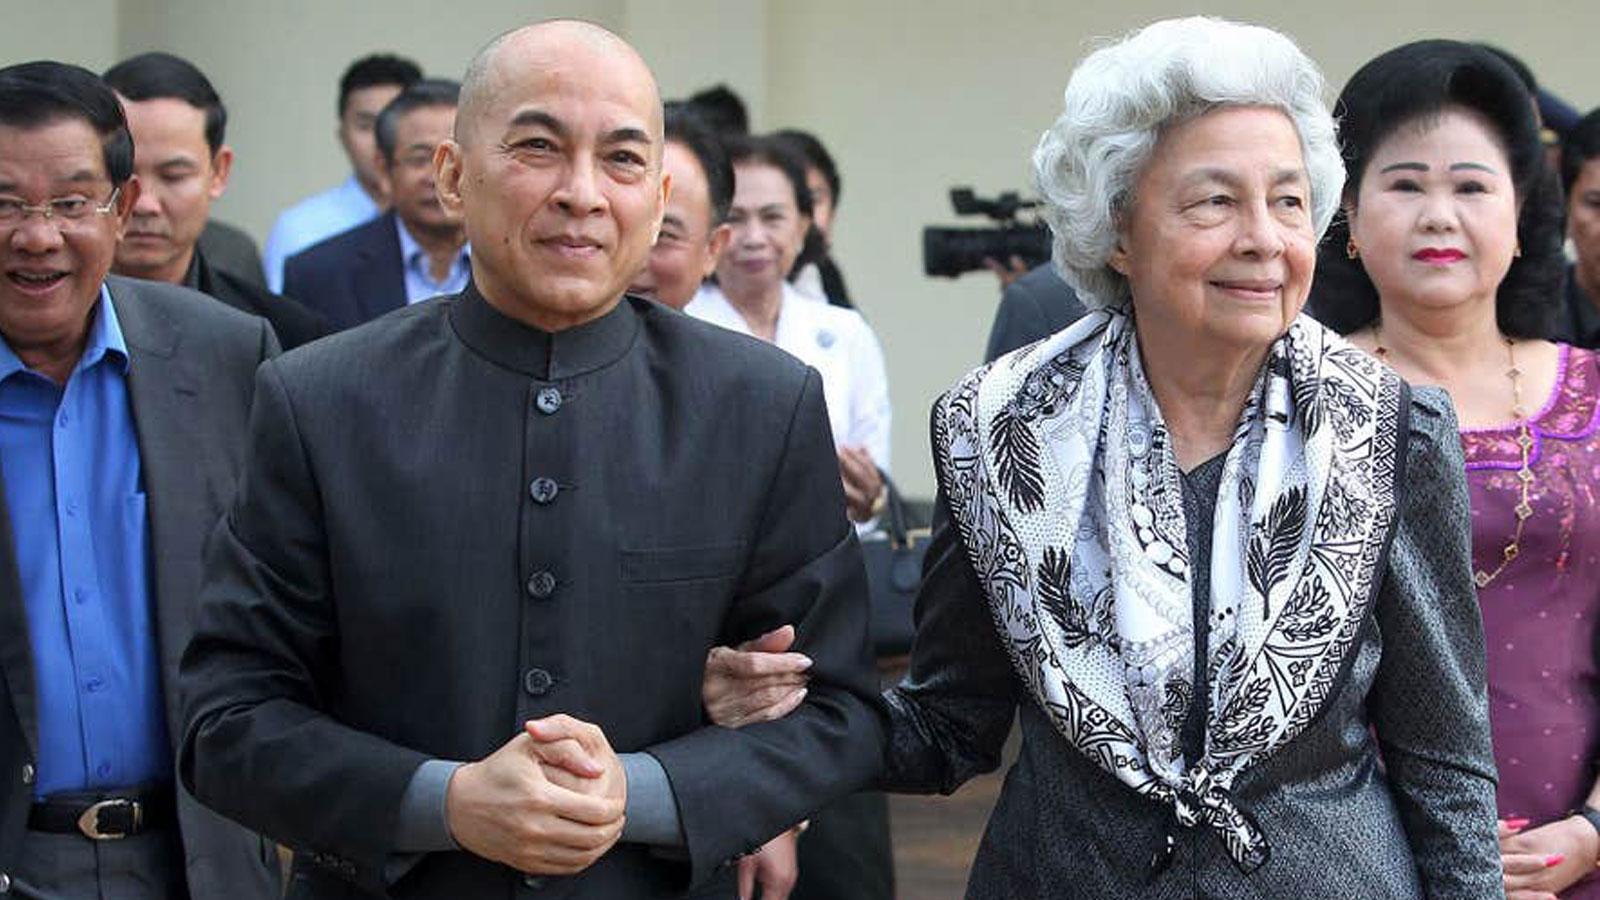 สมเด็จพระนโรดม สีหมุนี พระราชทานเงิน 6 ล้านบาท สู้วิกฤตโควิด-19 ในกัมพูชา